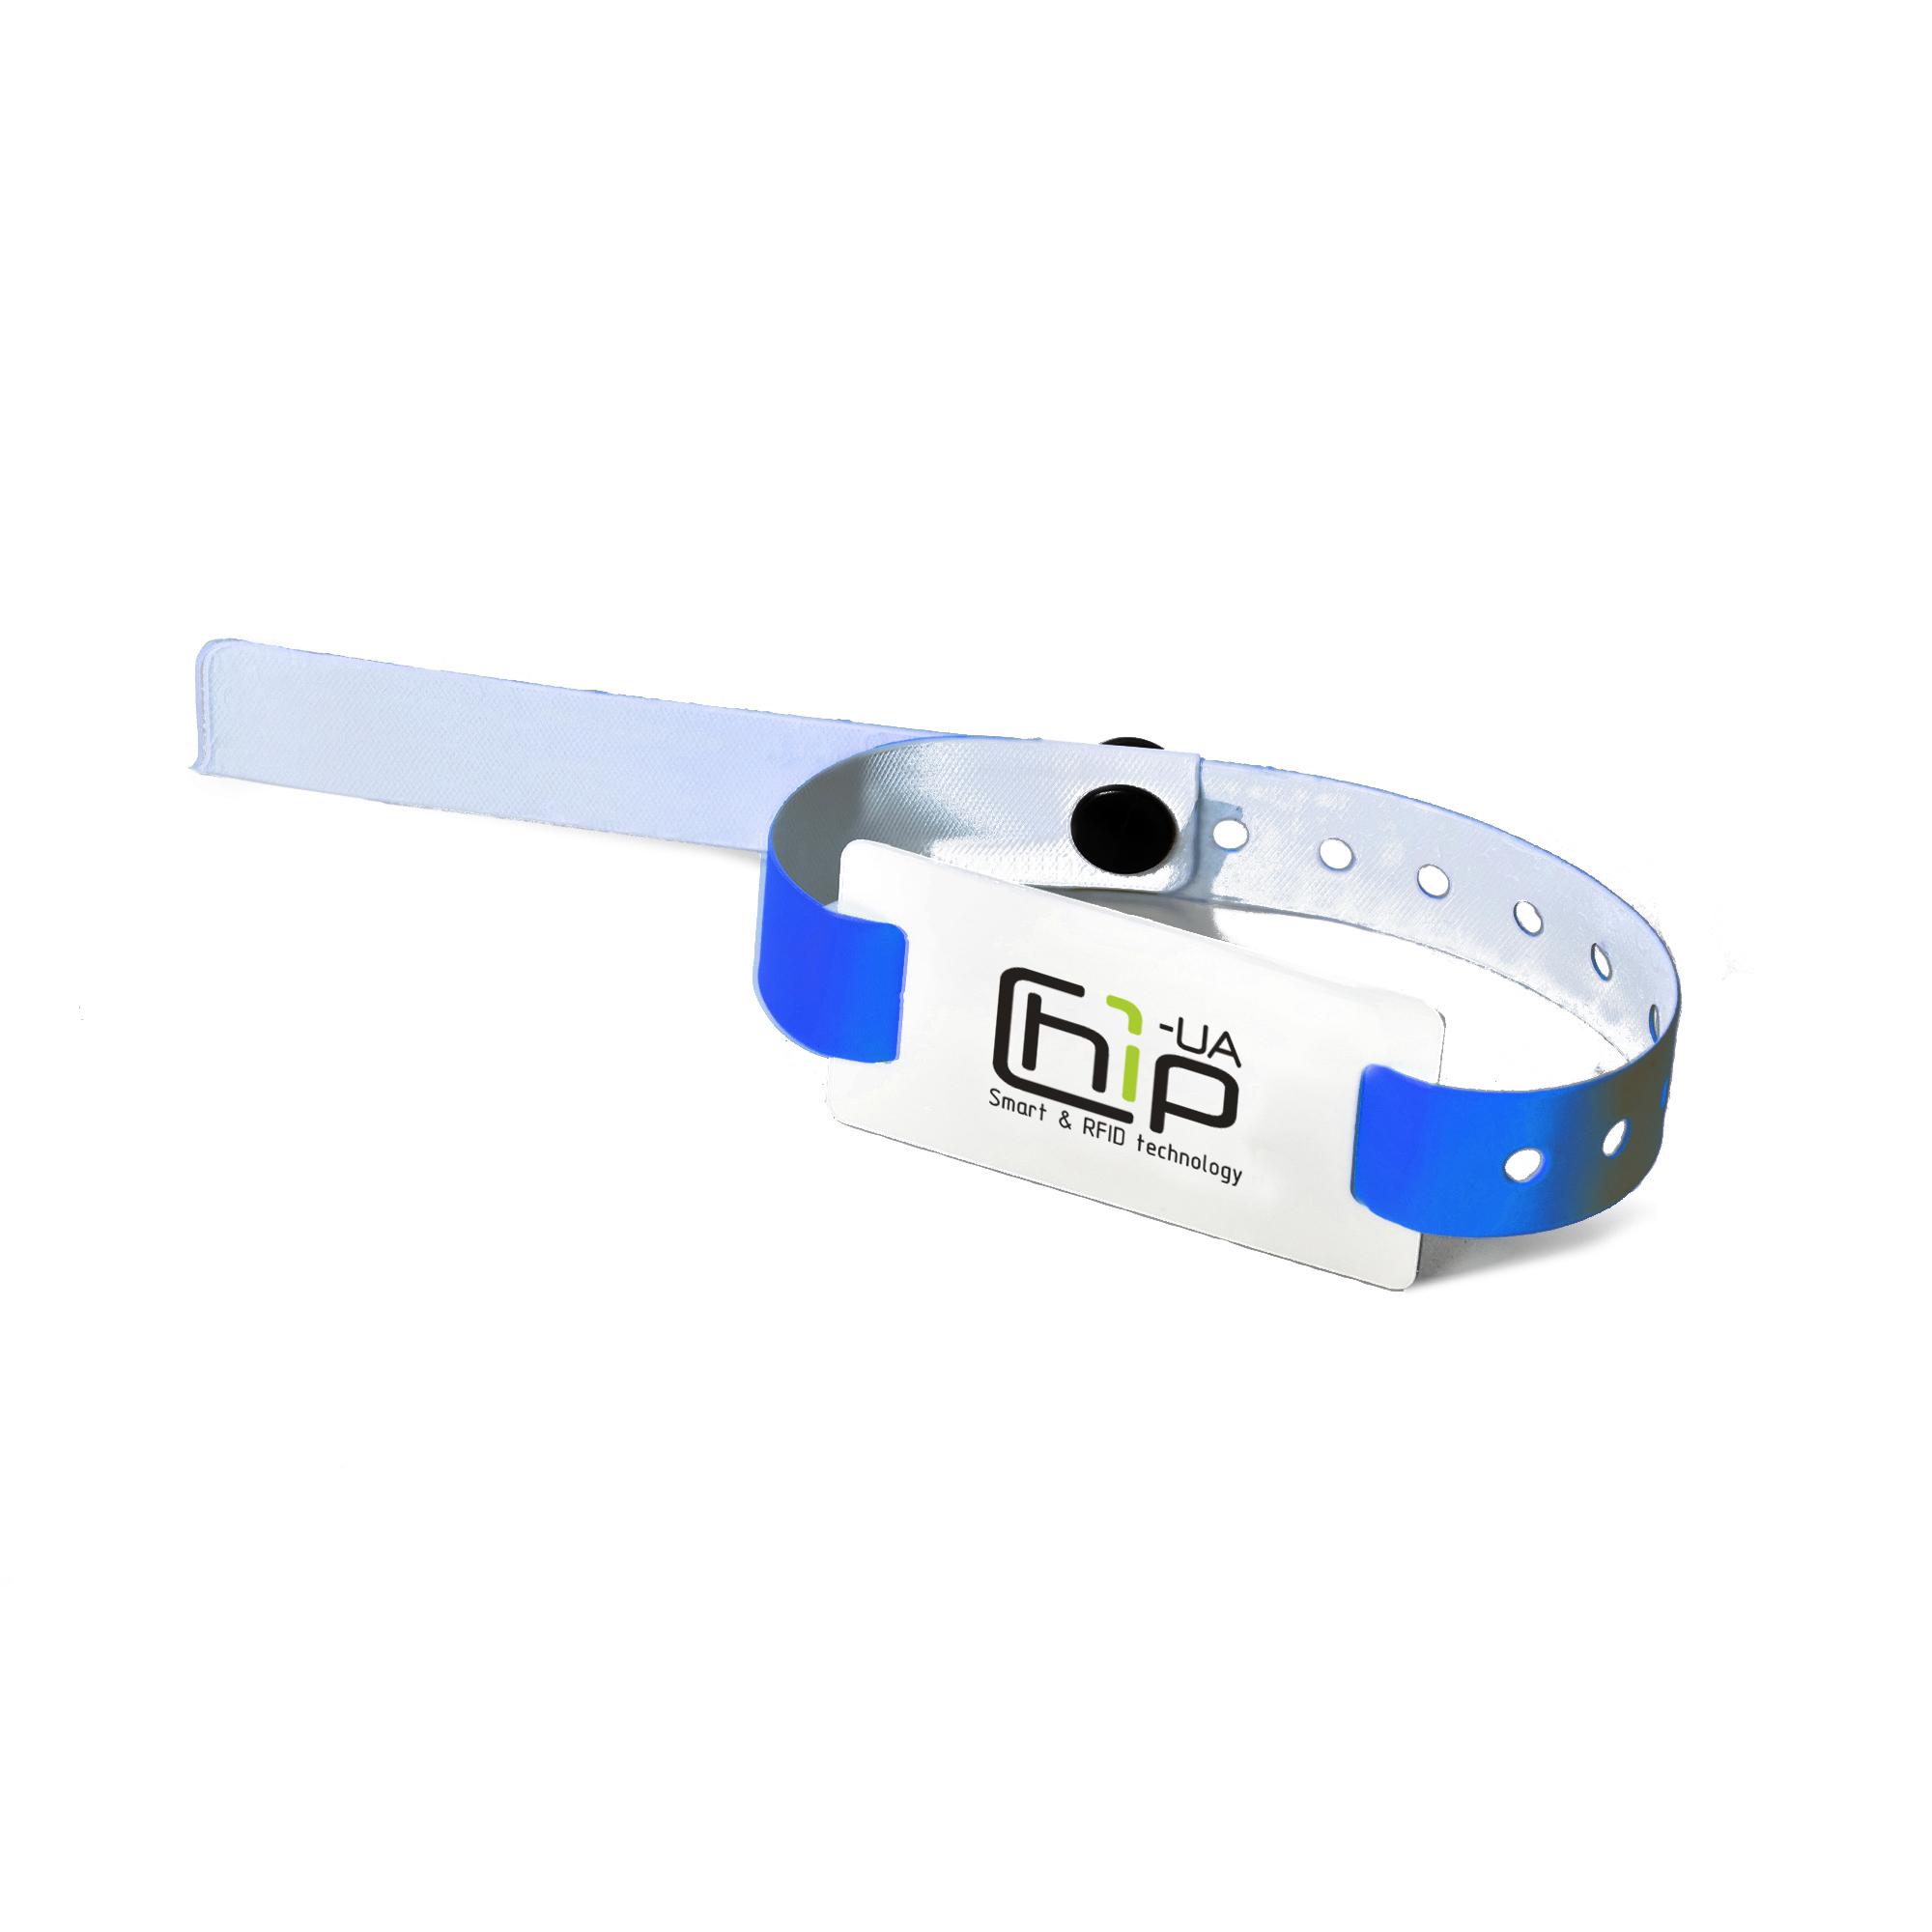 Chip-UA | Синий бесконтактный RFID-браслет с полноцветной печатью на силиконовом ремешке с застежкой с чипом Mifare 1K